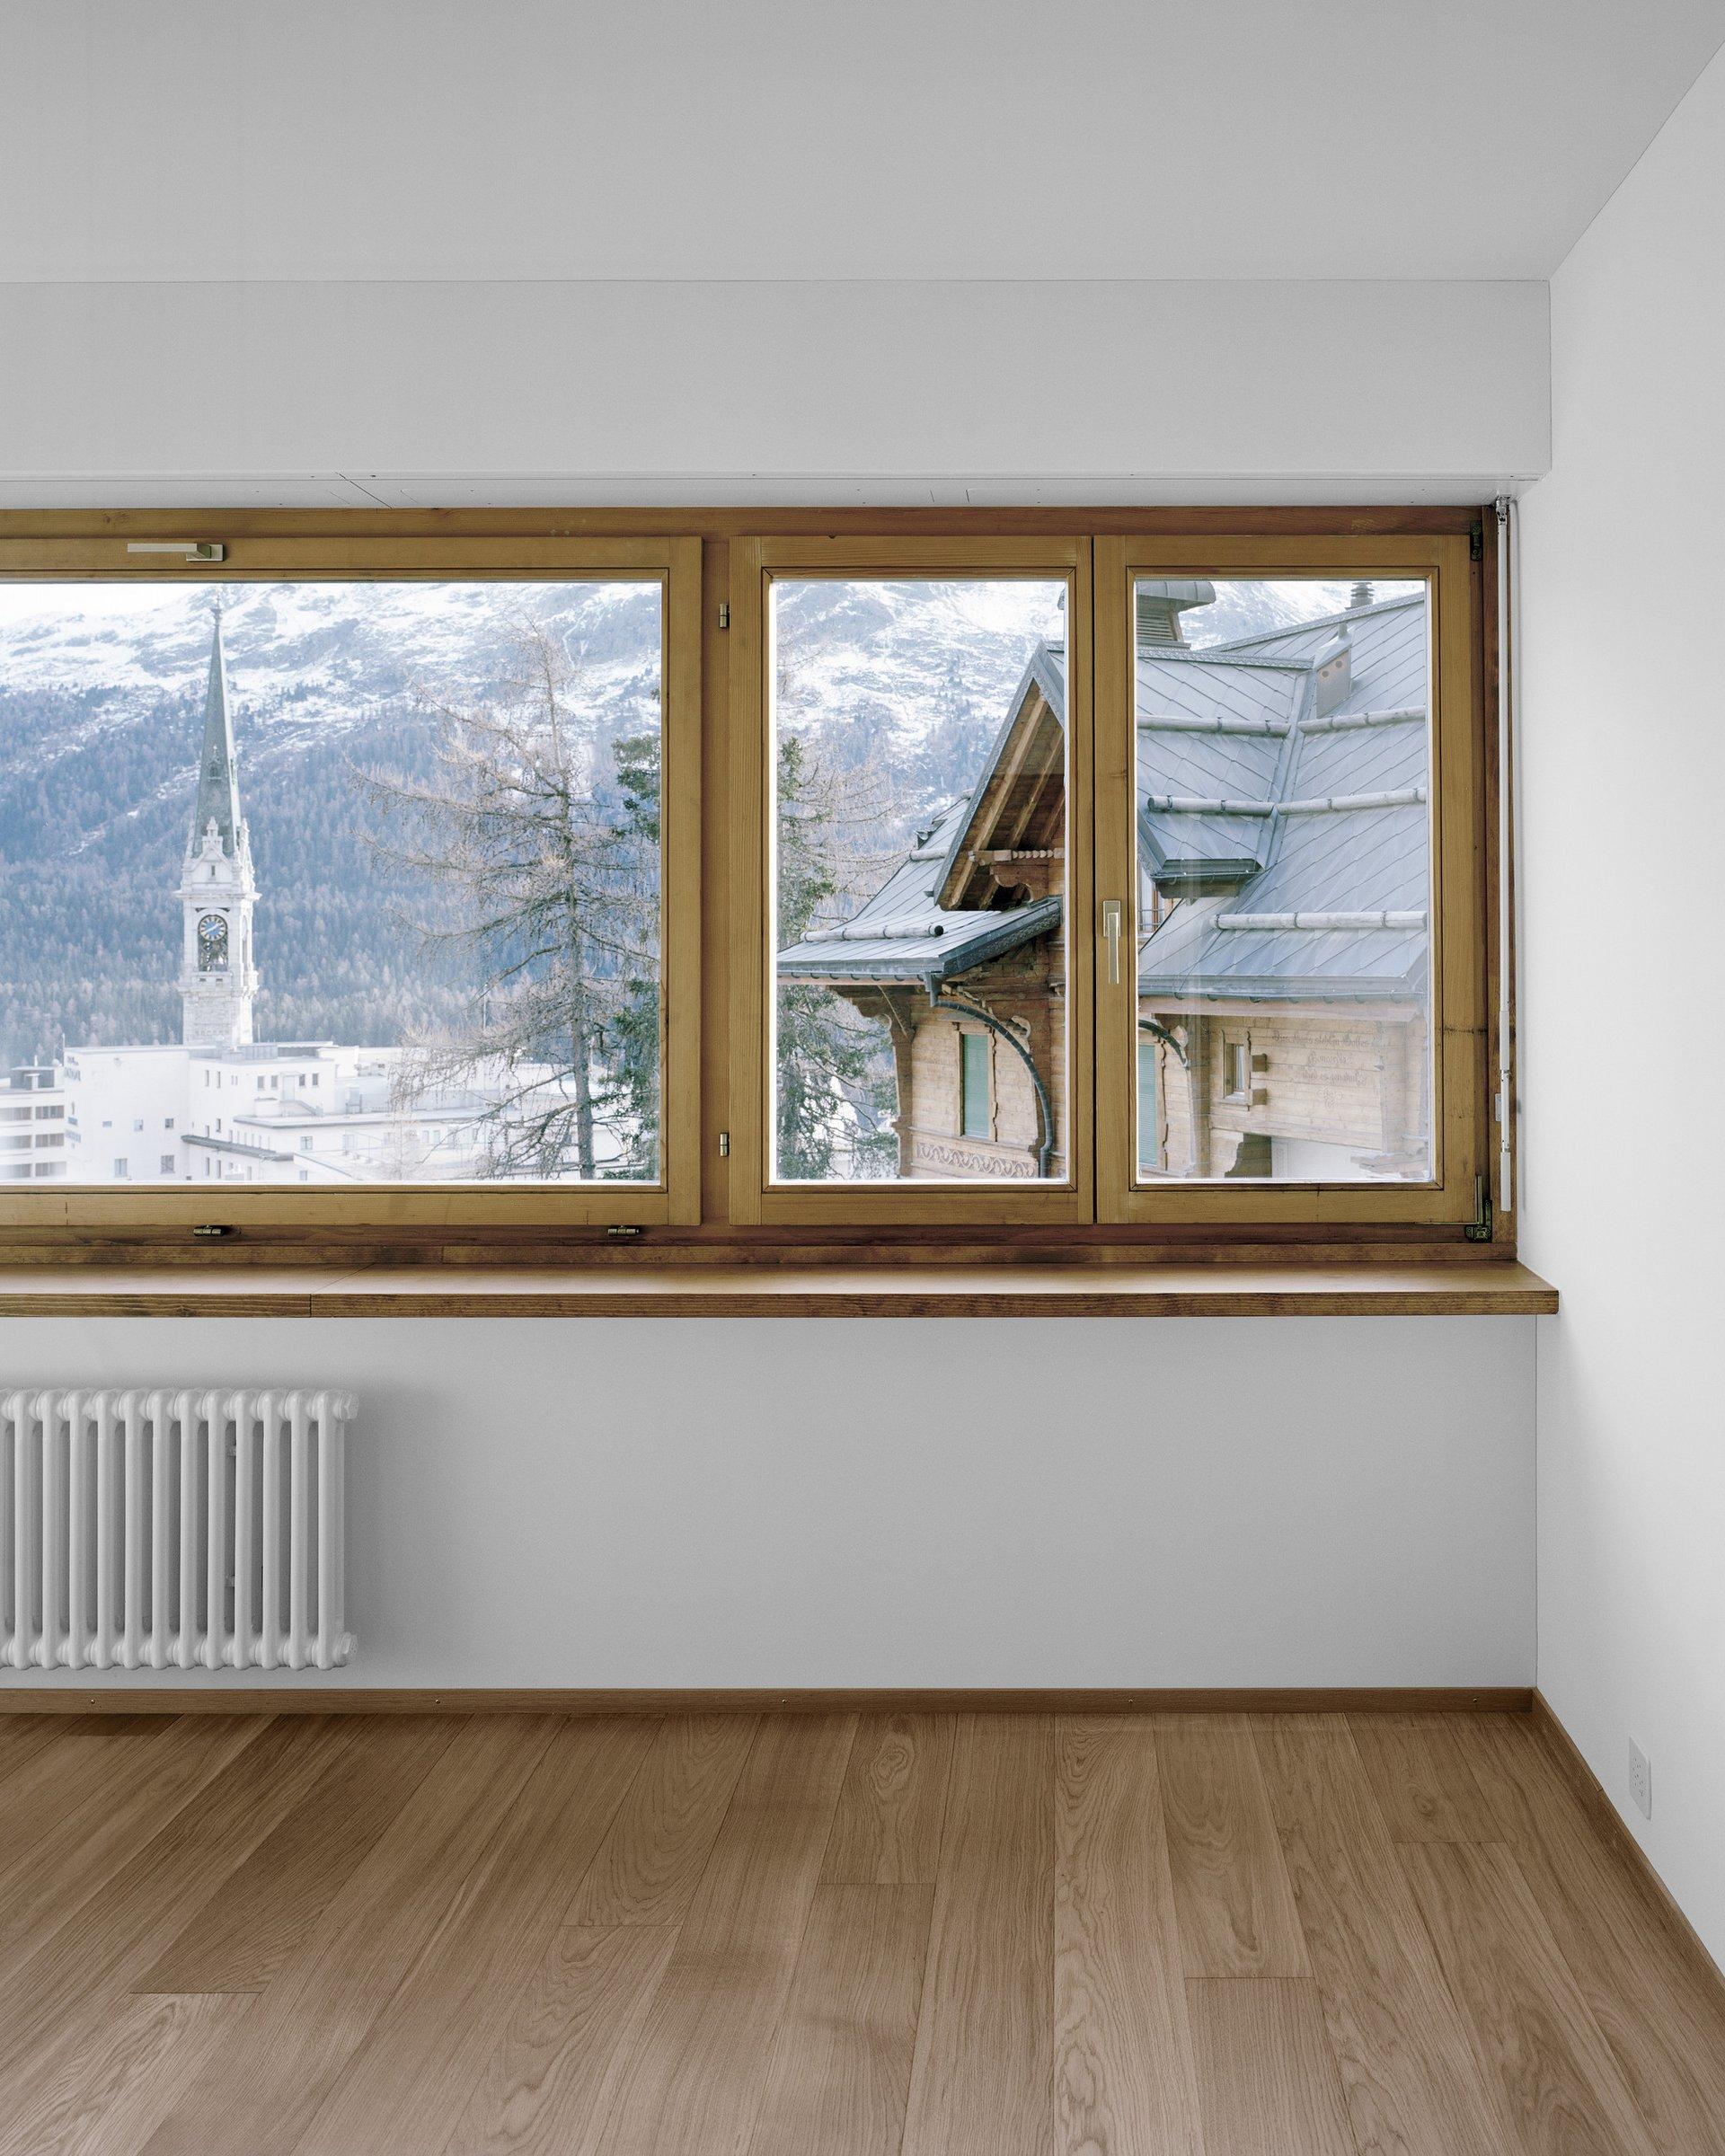 Doppelflügelfenster rechts mit grossem Fensterelement links innen